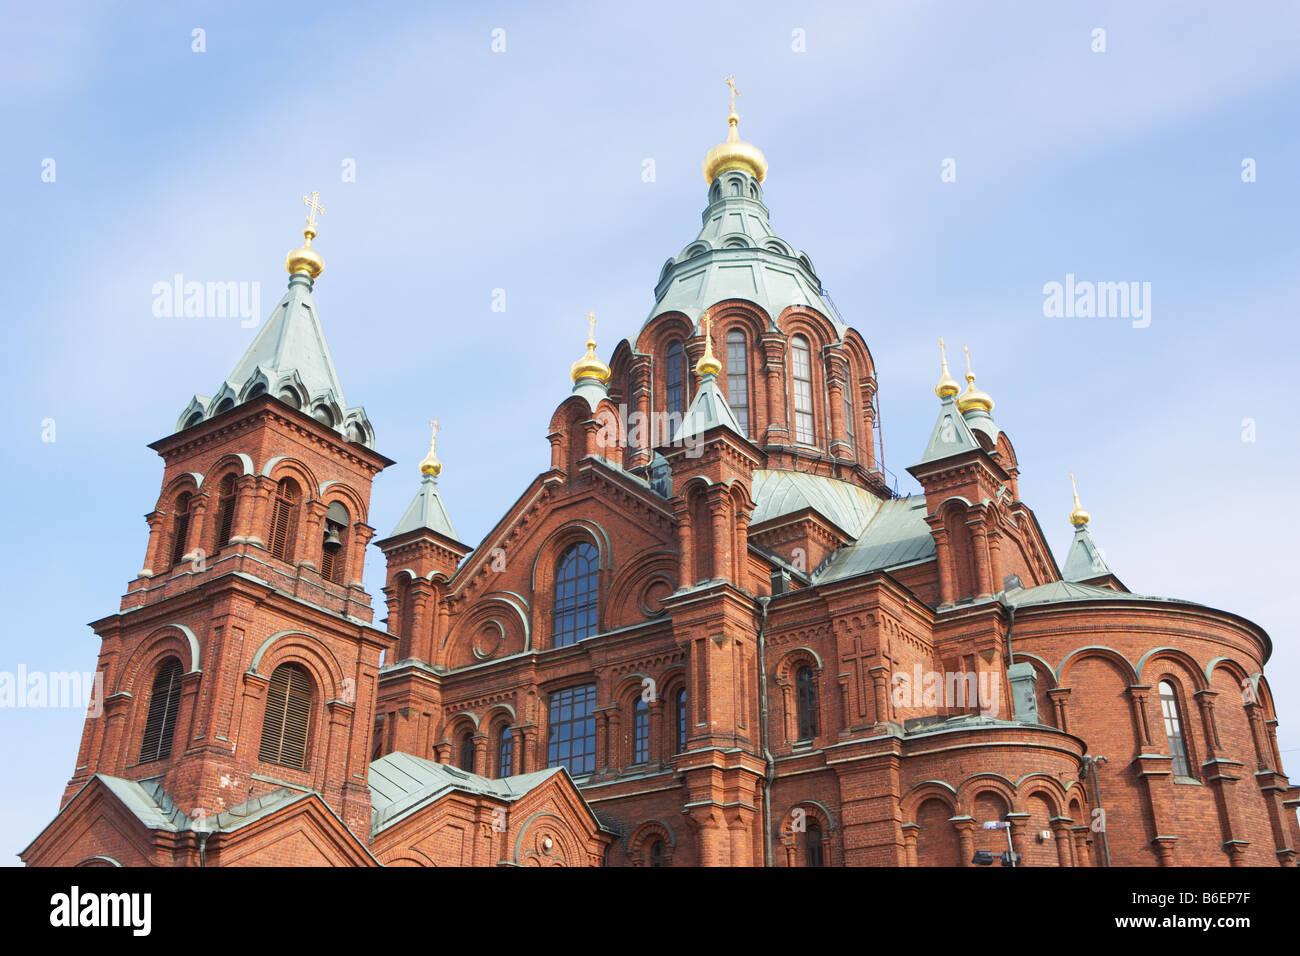 Uspenski Cathedral in Helsinki Finland - Stock Image